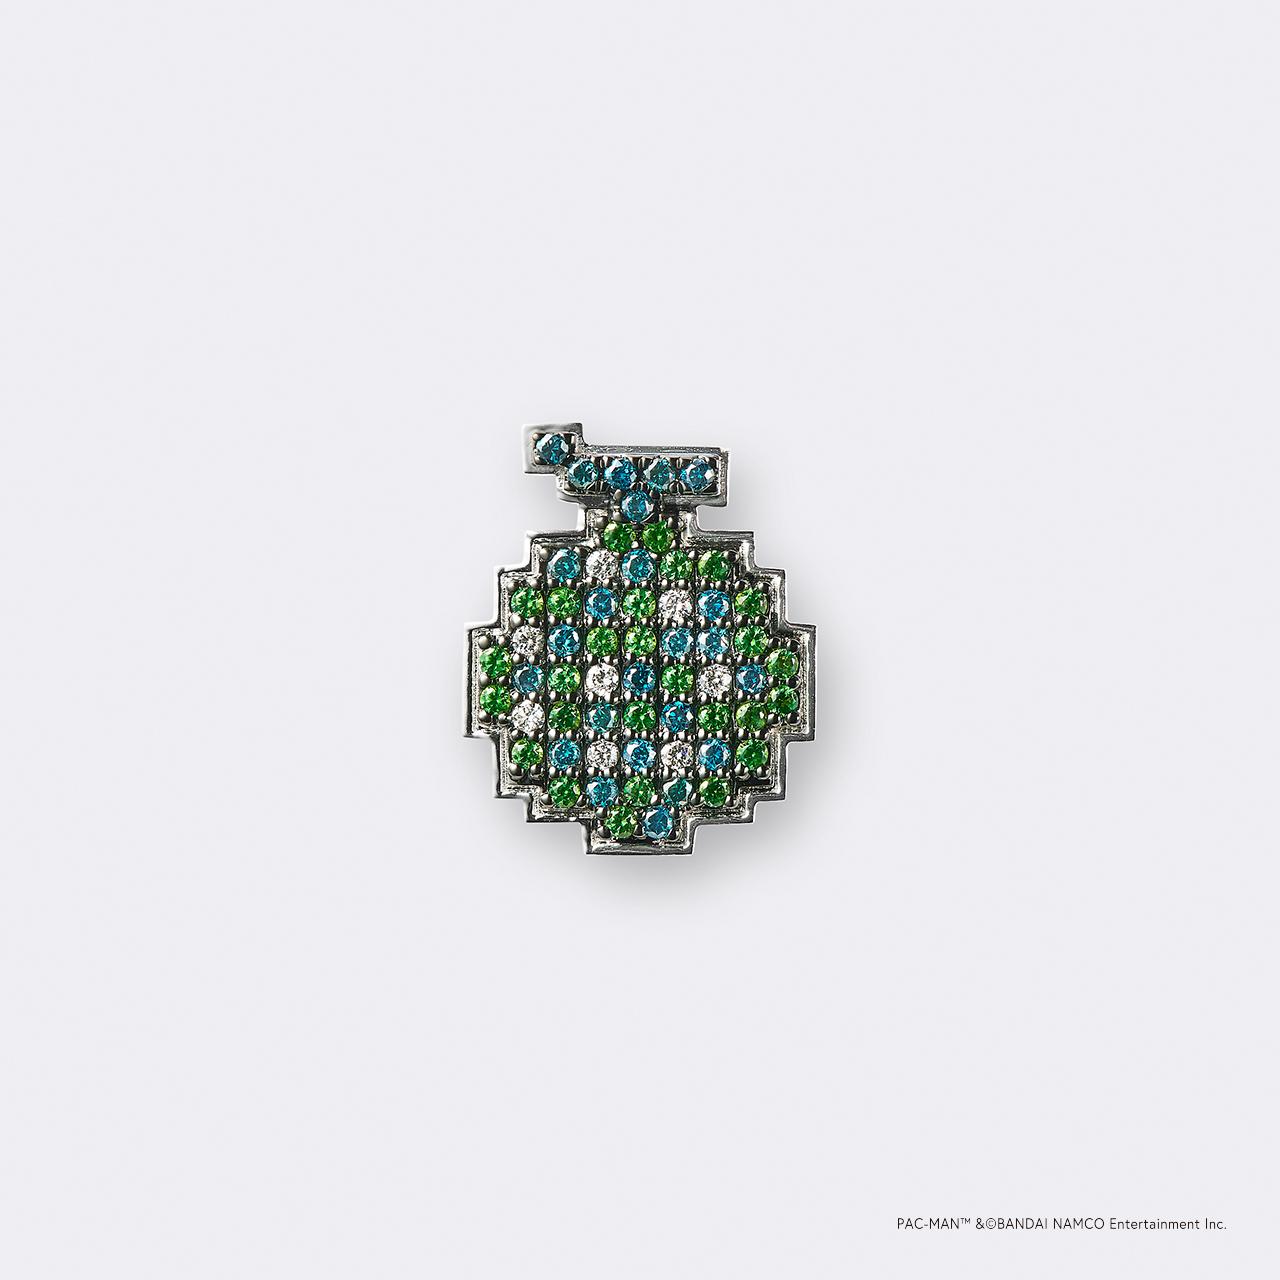 PAC-MAN  (パックマン) K18WG・ボーナスフルーツ メロン/グリーンガーネット ダイヤモンドピンバッジ